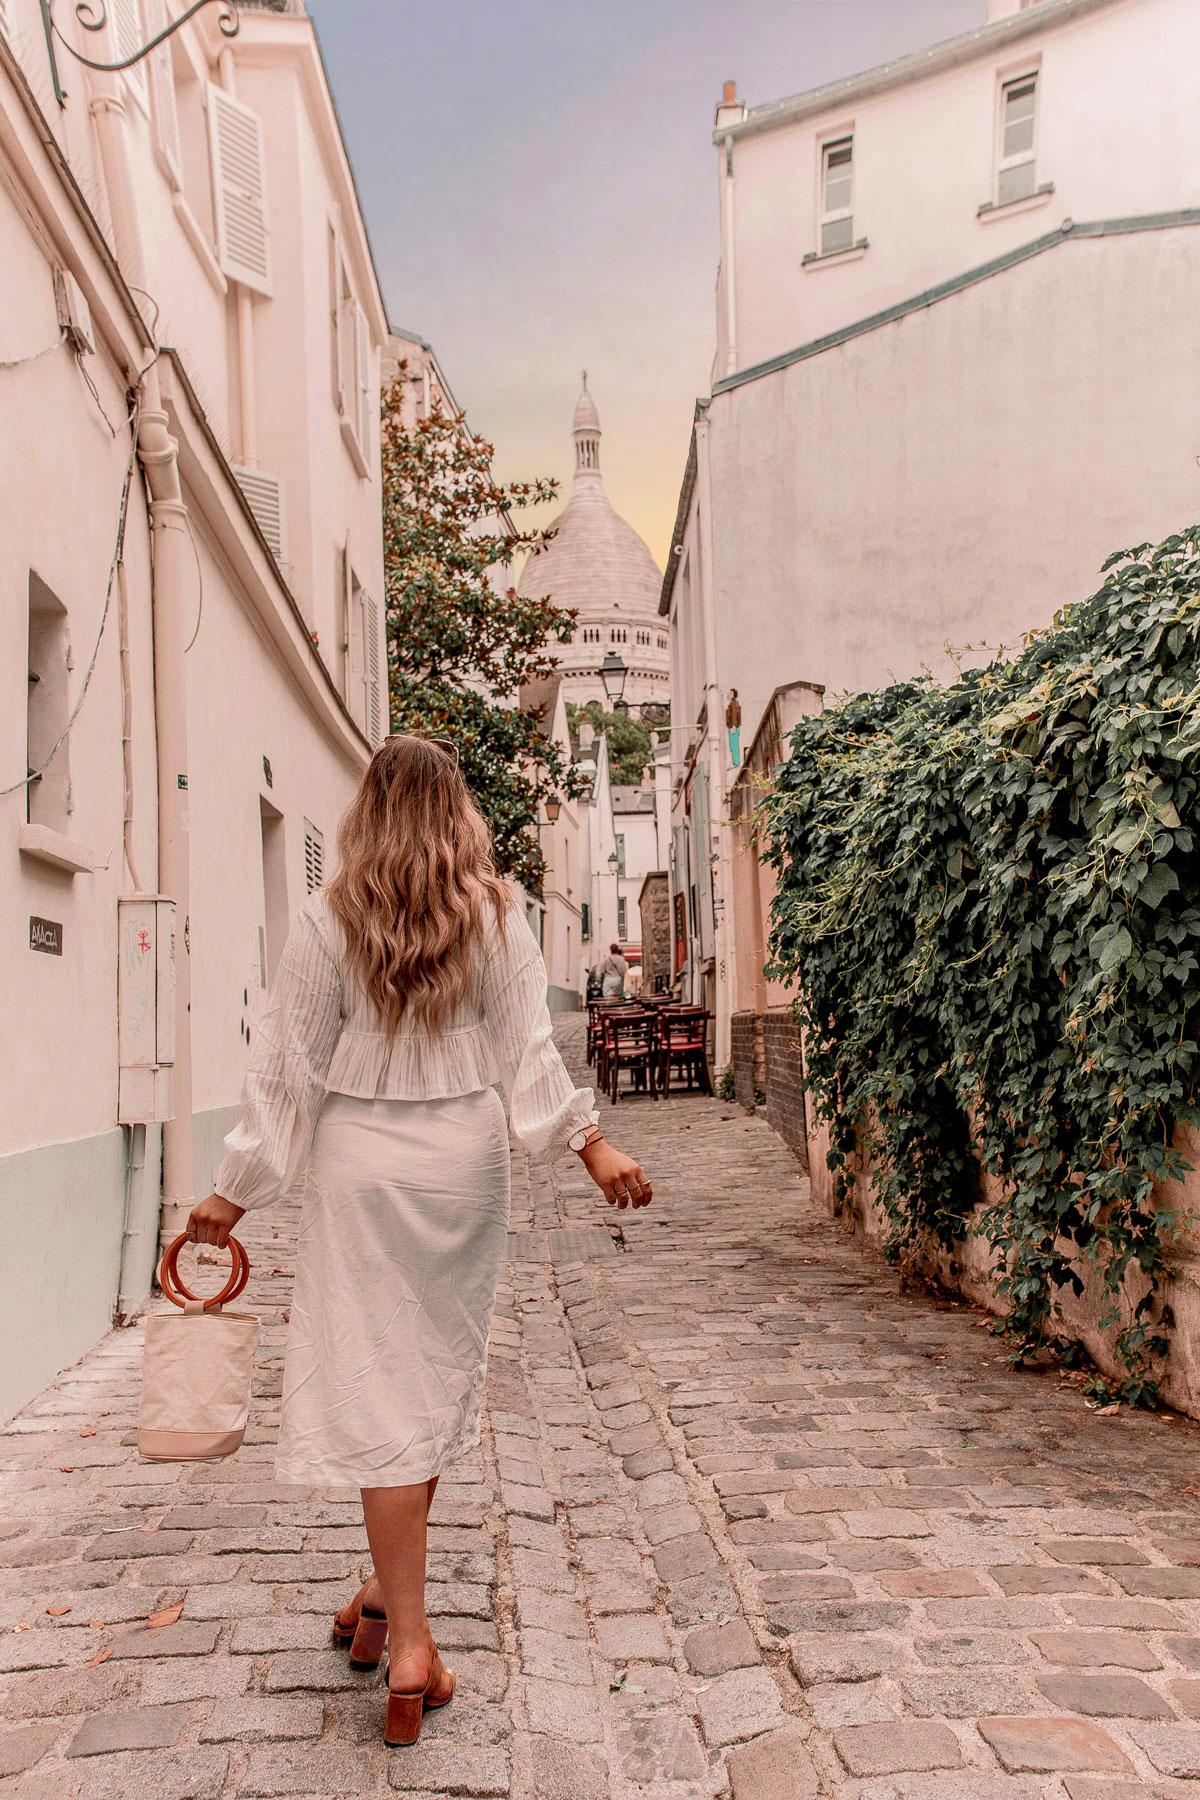 20-Best-Paris-Photography-Locations-Instagram-Spots--@kelseyinlondon-Kelsey-Heinrichs-Sacré-Cœur